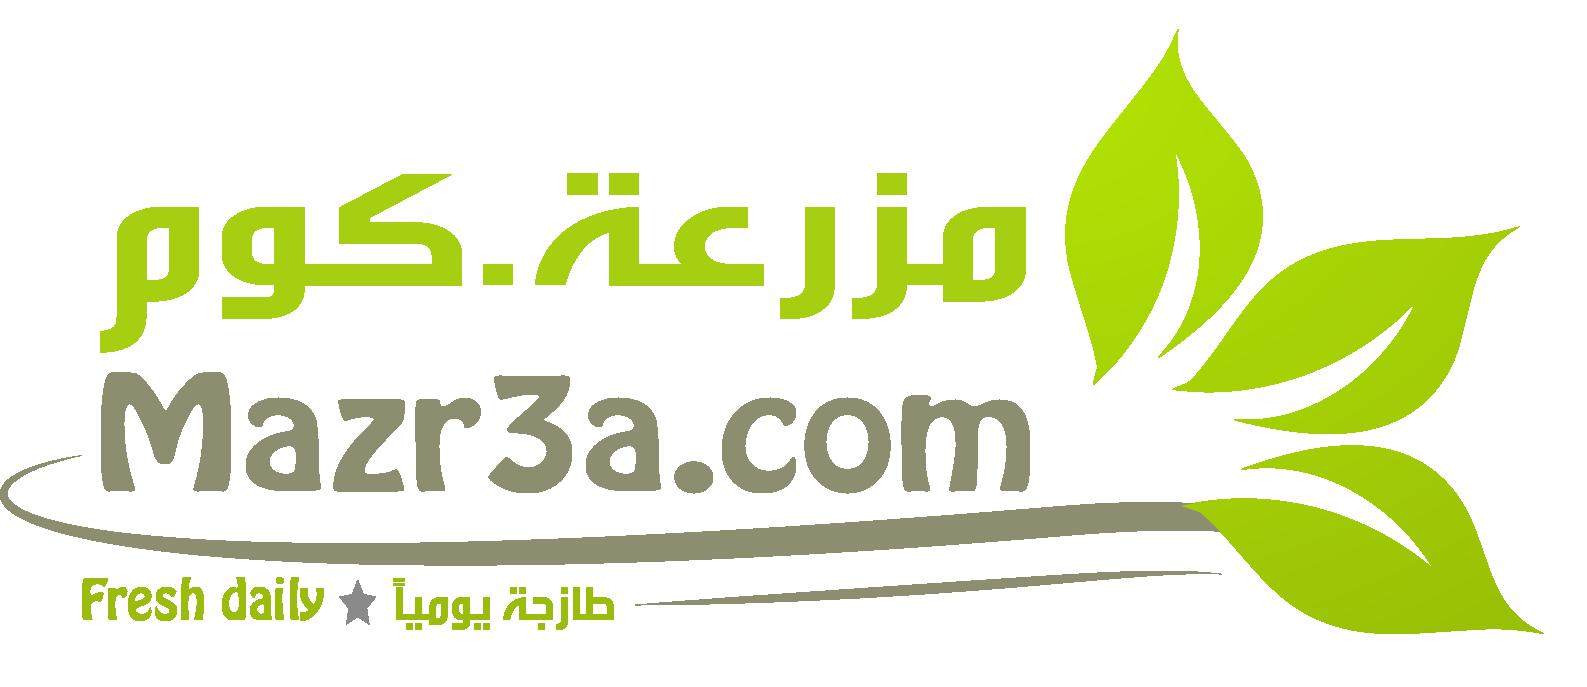 MAZR3A.COM | مـزرعـة.كـوم